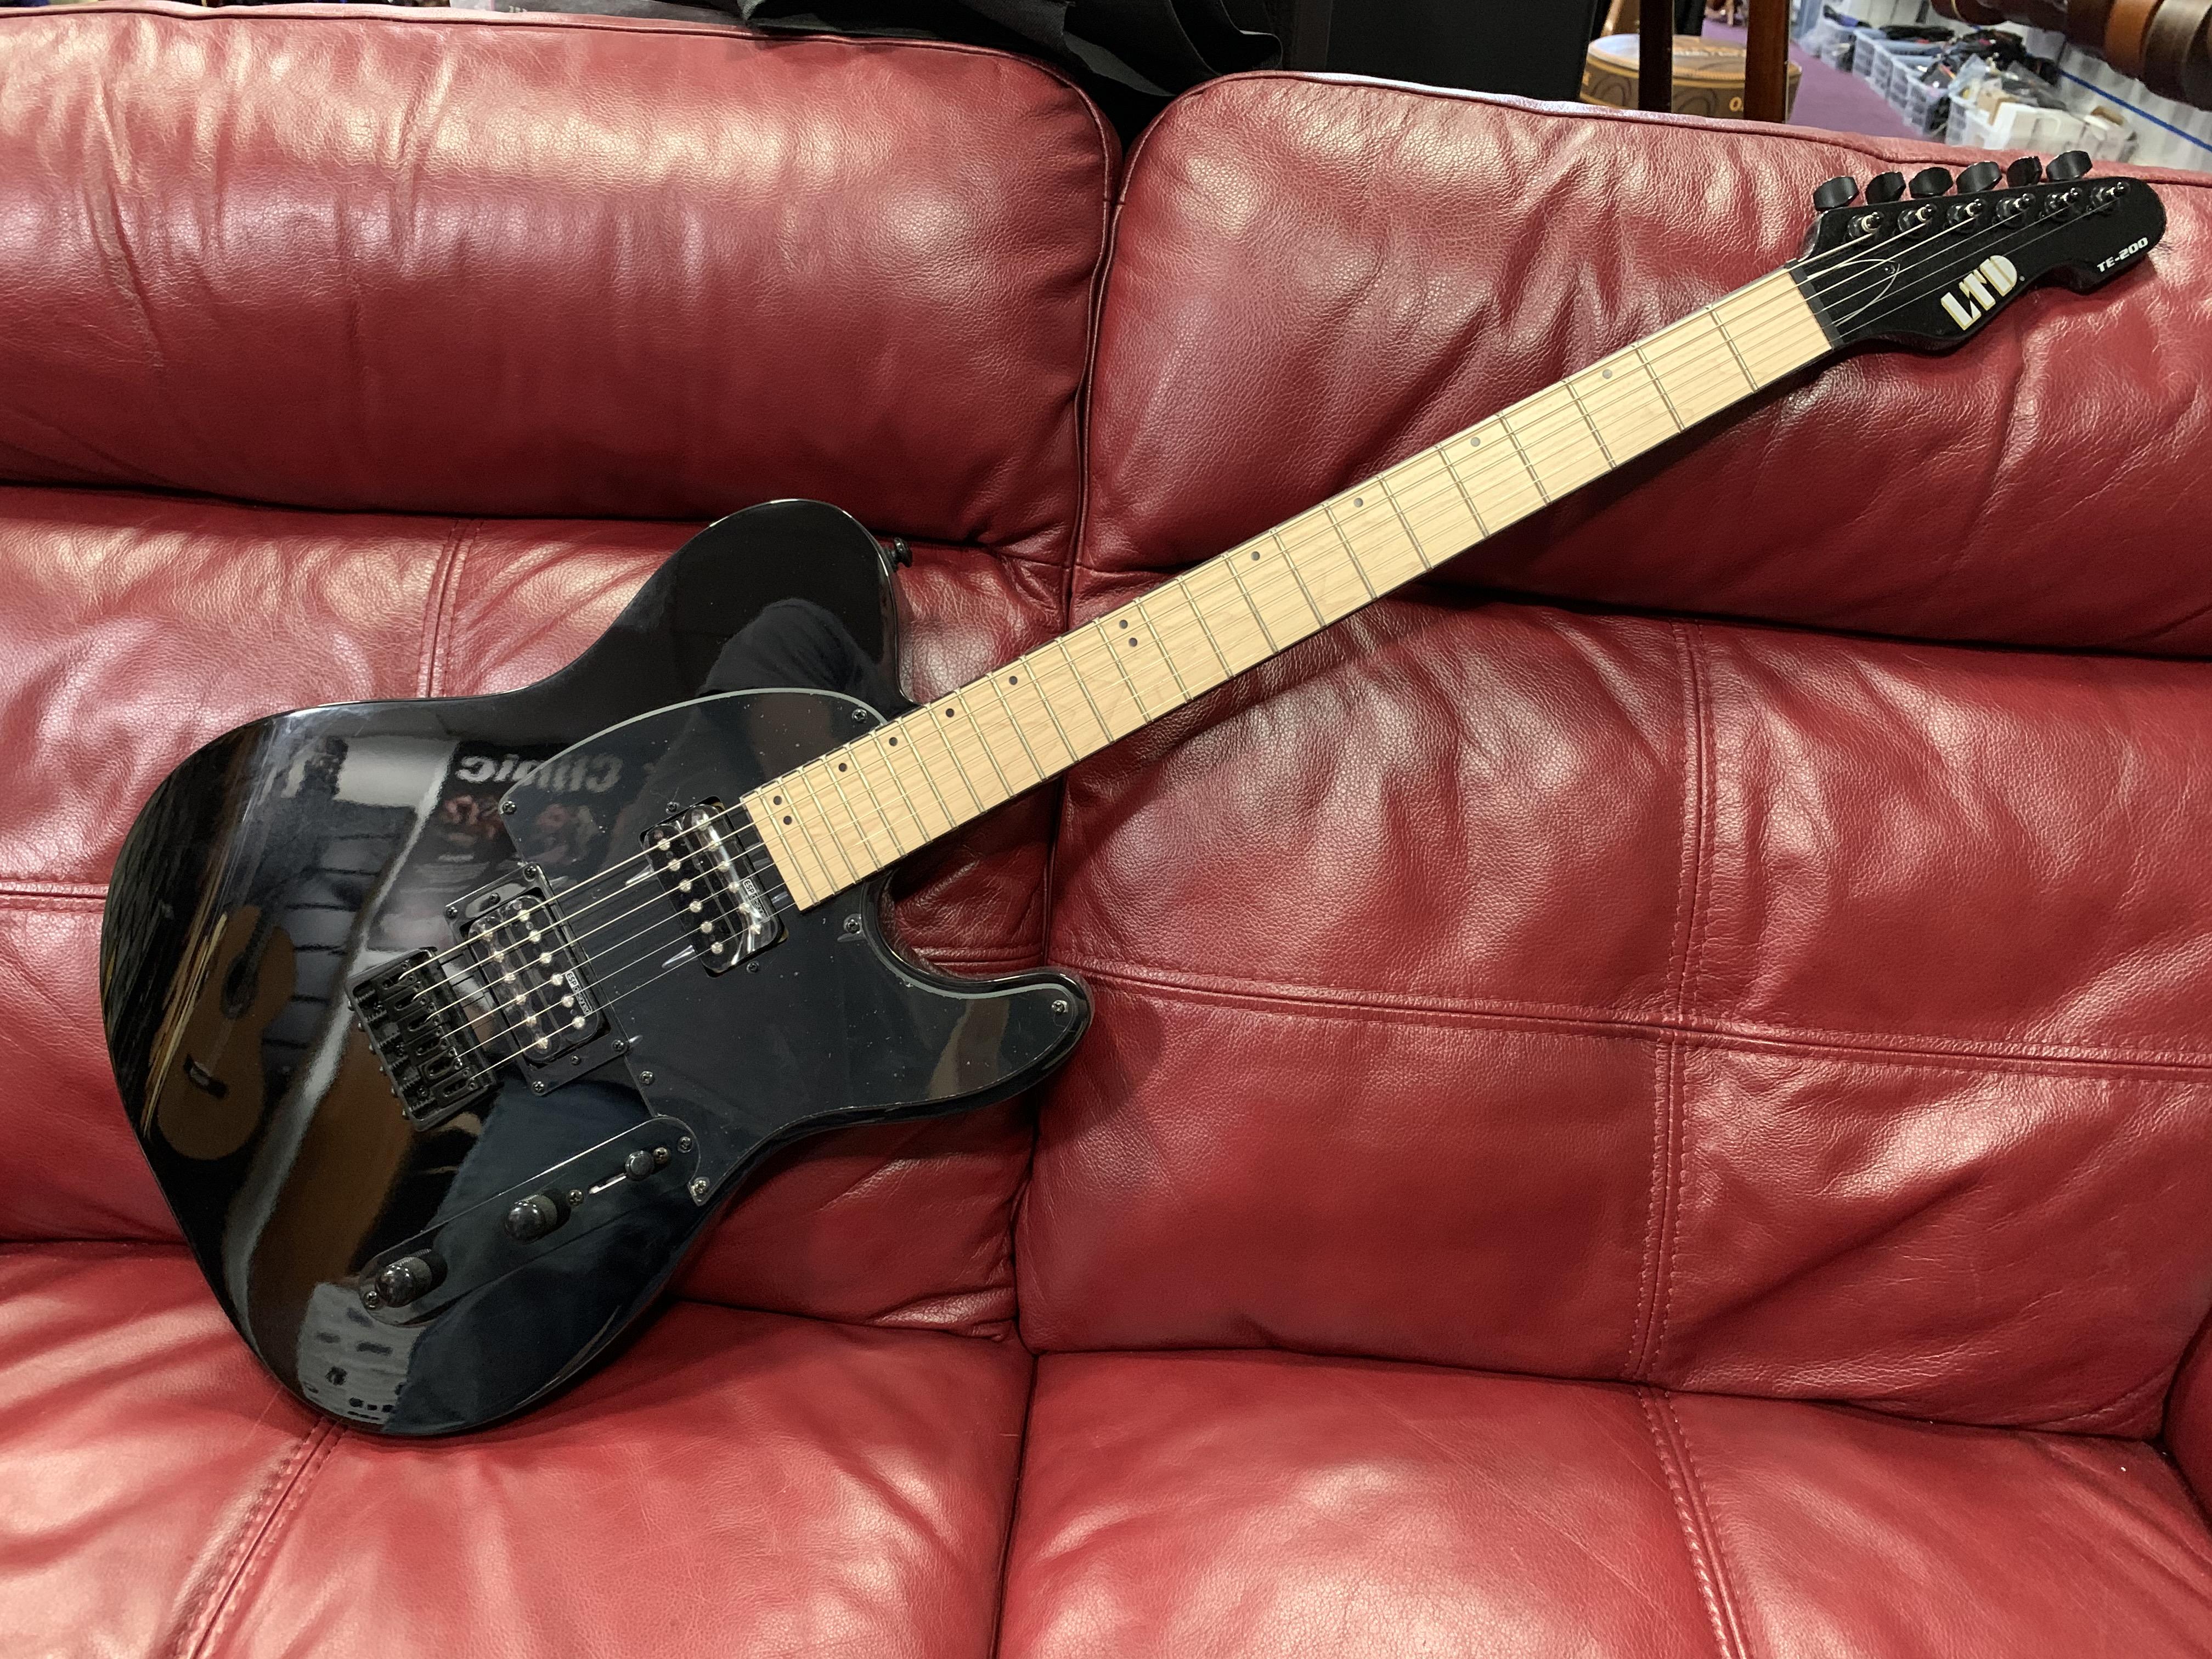 ESP LTD TE-200 Electric Guitar (Black) (RRP £299 - Lockdown Price £249)